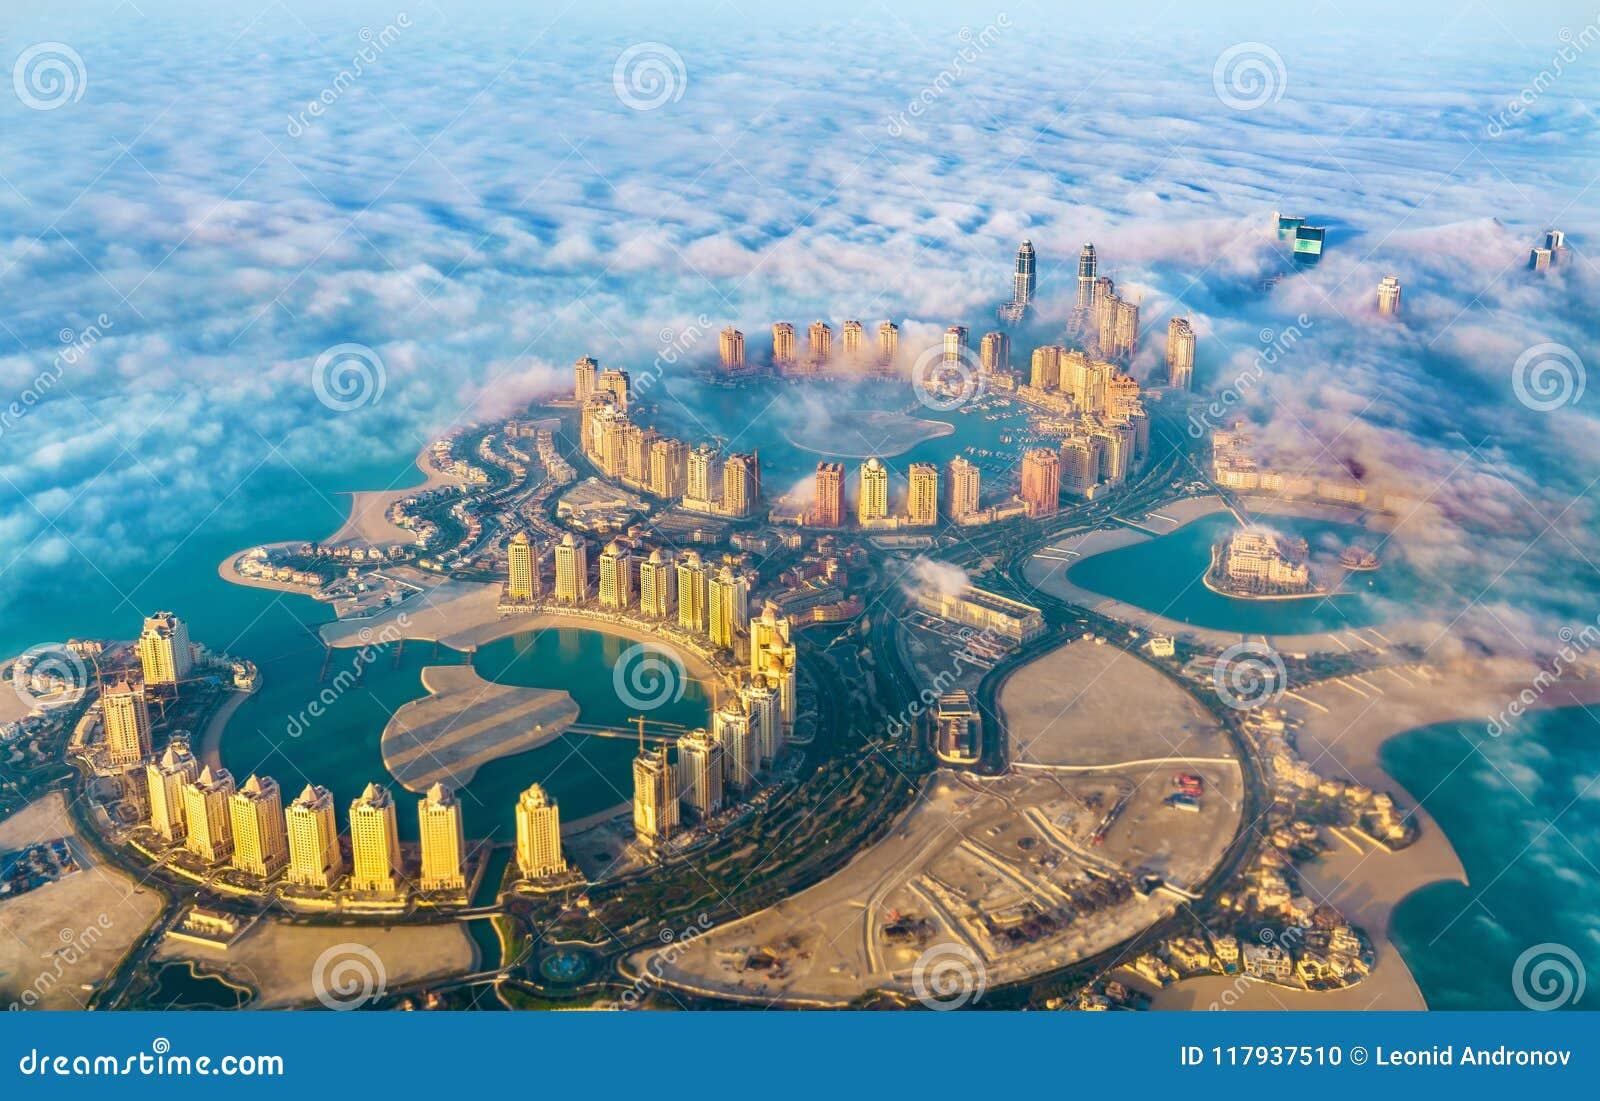 Vista aerea dell isola del Perla-Qatar in Doha attraverso la nebbia di mattina - Qatar, il golfo persico